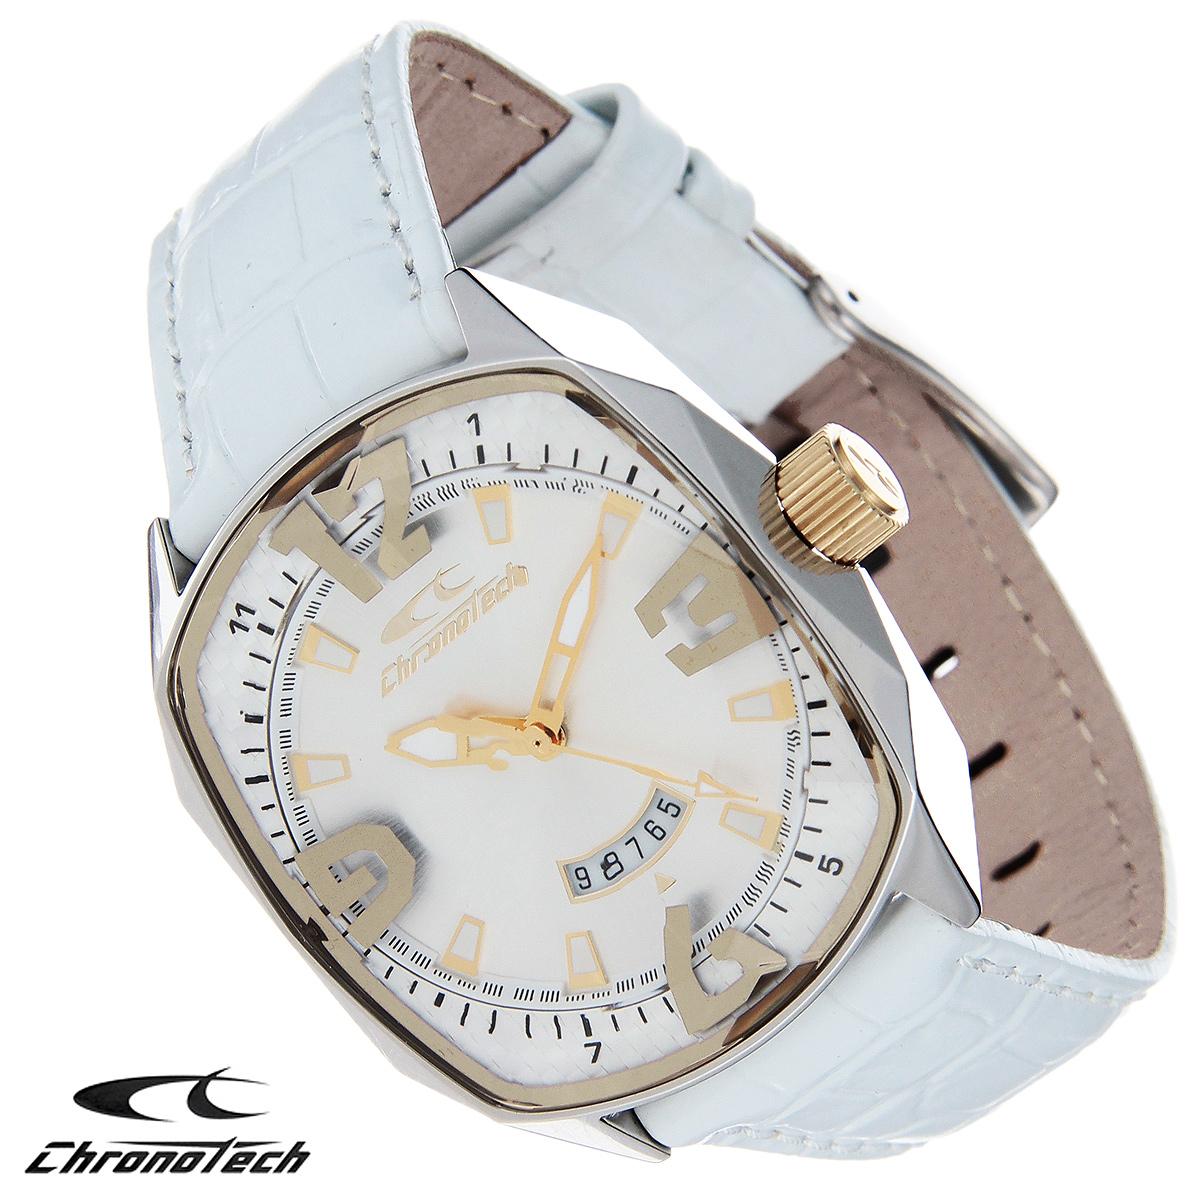 Часы женские наручные Chronotech, цвет: серебристый, белый. RW0053RW0053Часы Chronotech - это часы для современных и стильных девушек, которые стремятся выделиться из толпы и подчеркнуть свою индивидуальность. Корпус часов выполнен из нержавеющей стали. Циферблат оформлен арабскими цифрами и отметками и защищен минеральным стеклом с огранкой. Часы имеют три стрелки - часовую, минутную и секундную. Часы имеют индикатор даты. Стрелки и отметки светятся в темноте. Ремешок часов выполнен из натуральной кожи с тиснением и застегивается на классическую застежку. Часы упакованы в фирменную коробку с логотипом компании Chronotech. Такой аксессуар добавит вашему образу стиля и подчеркнет безупречный вкус своей владелицы. Характеристики: Размер циферблата: 3,1 см х 3,7 см. Размер корпуса: 3,5 см х 3,8 см х 1,1 см. Длина ремешка (с корпусом): 22,5 см. Ширина ремешка: 1,8 см.